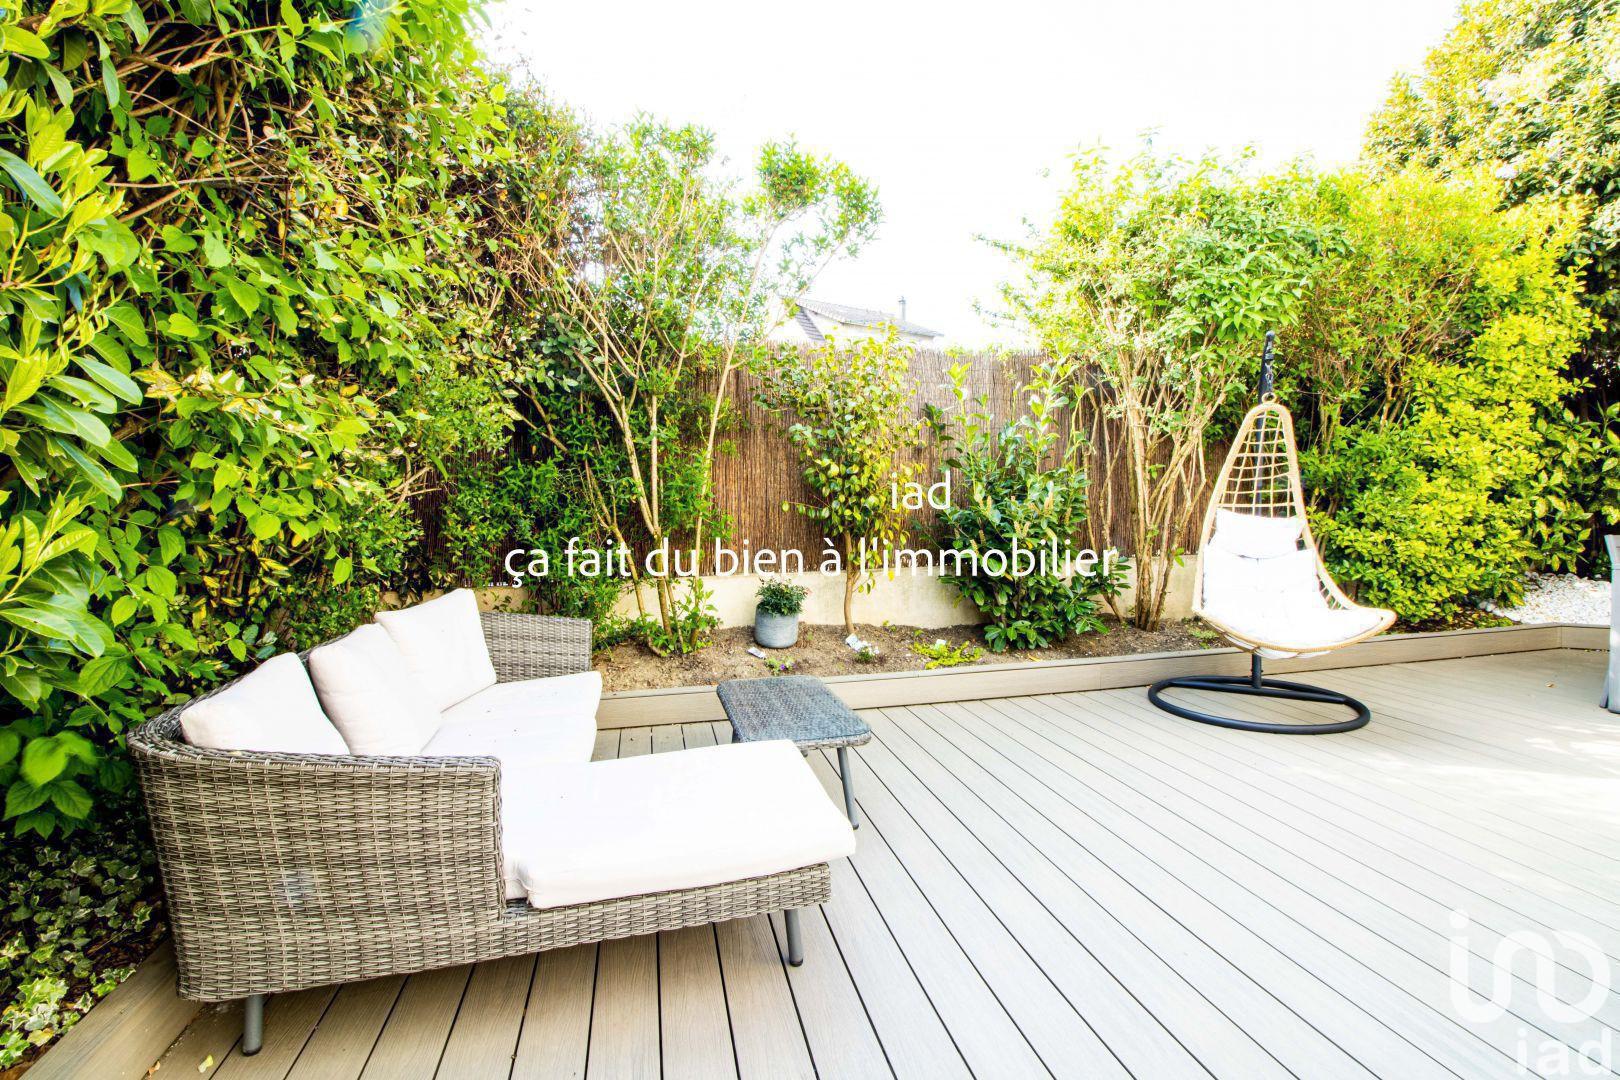 Maison a vendre nanterre - 5 pièce(s) - 110 m2 - Surfyn